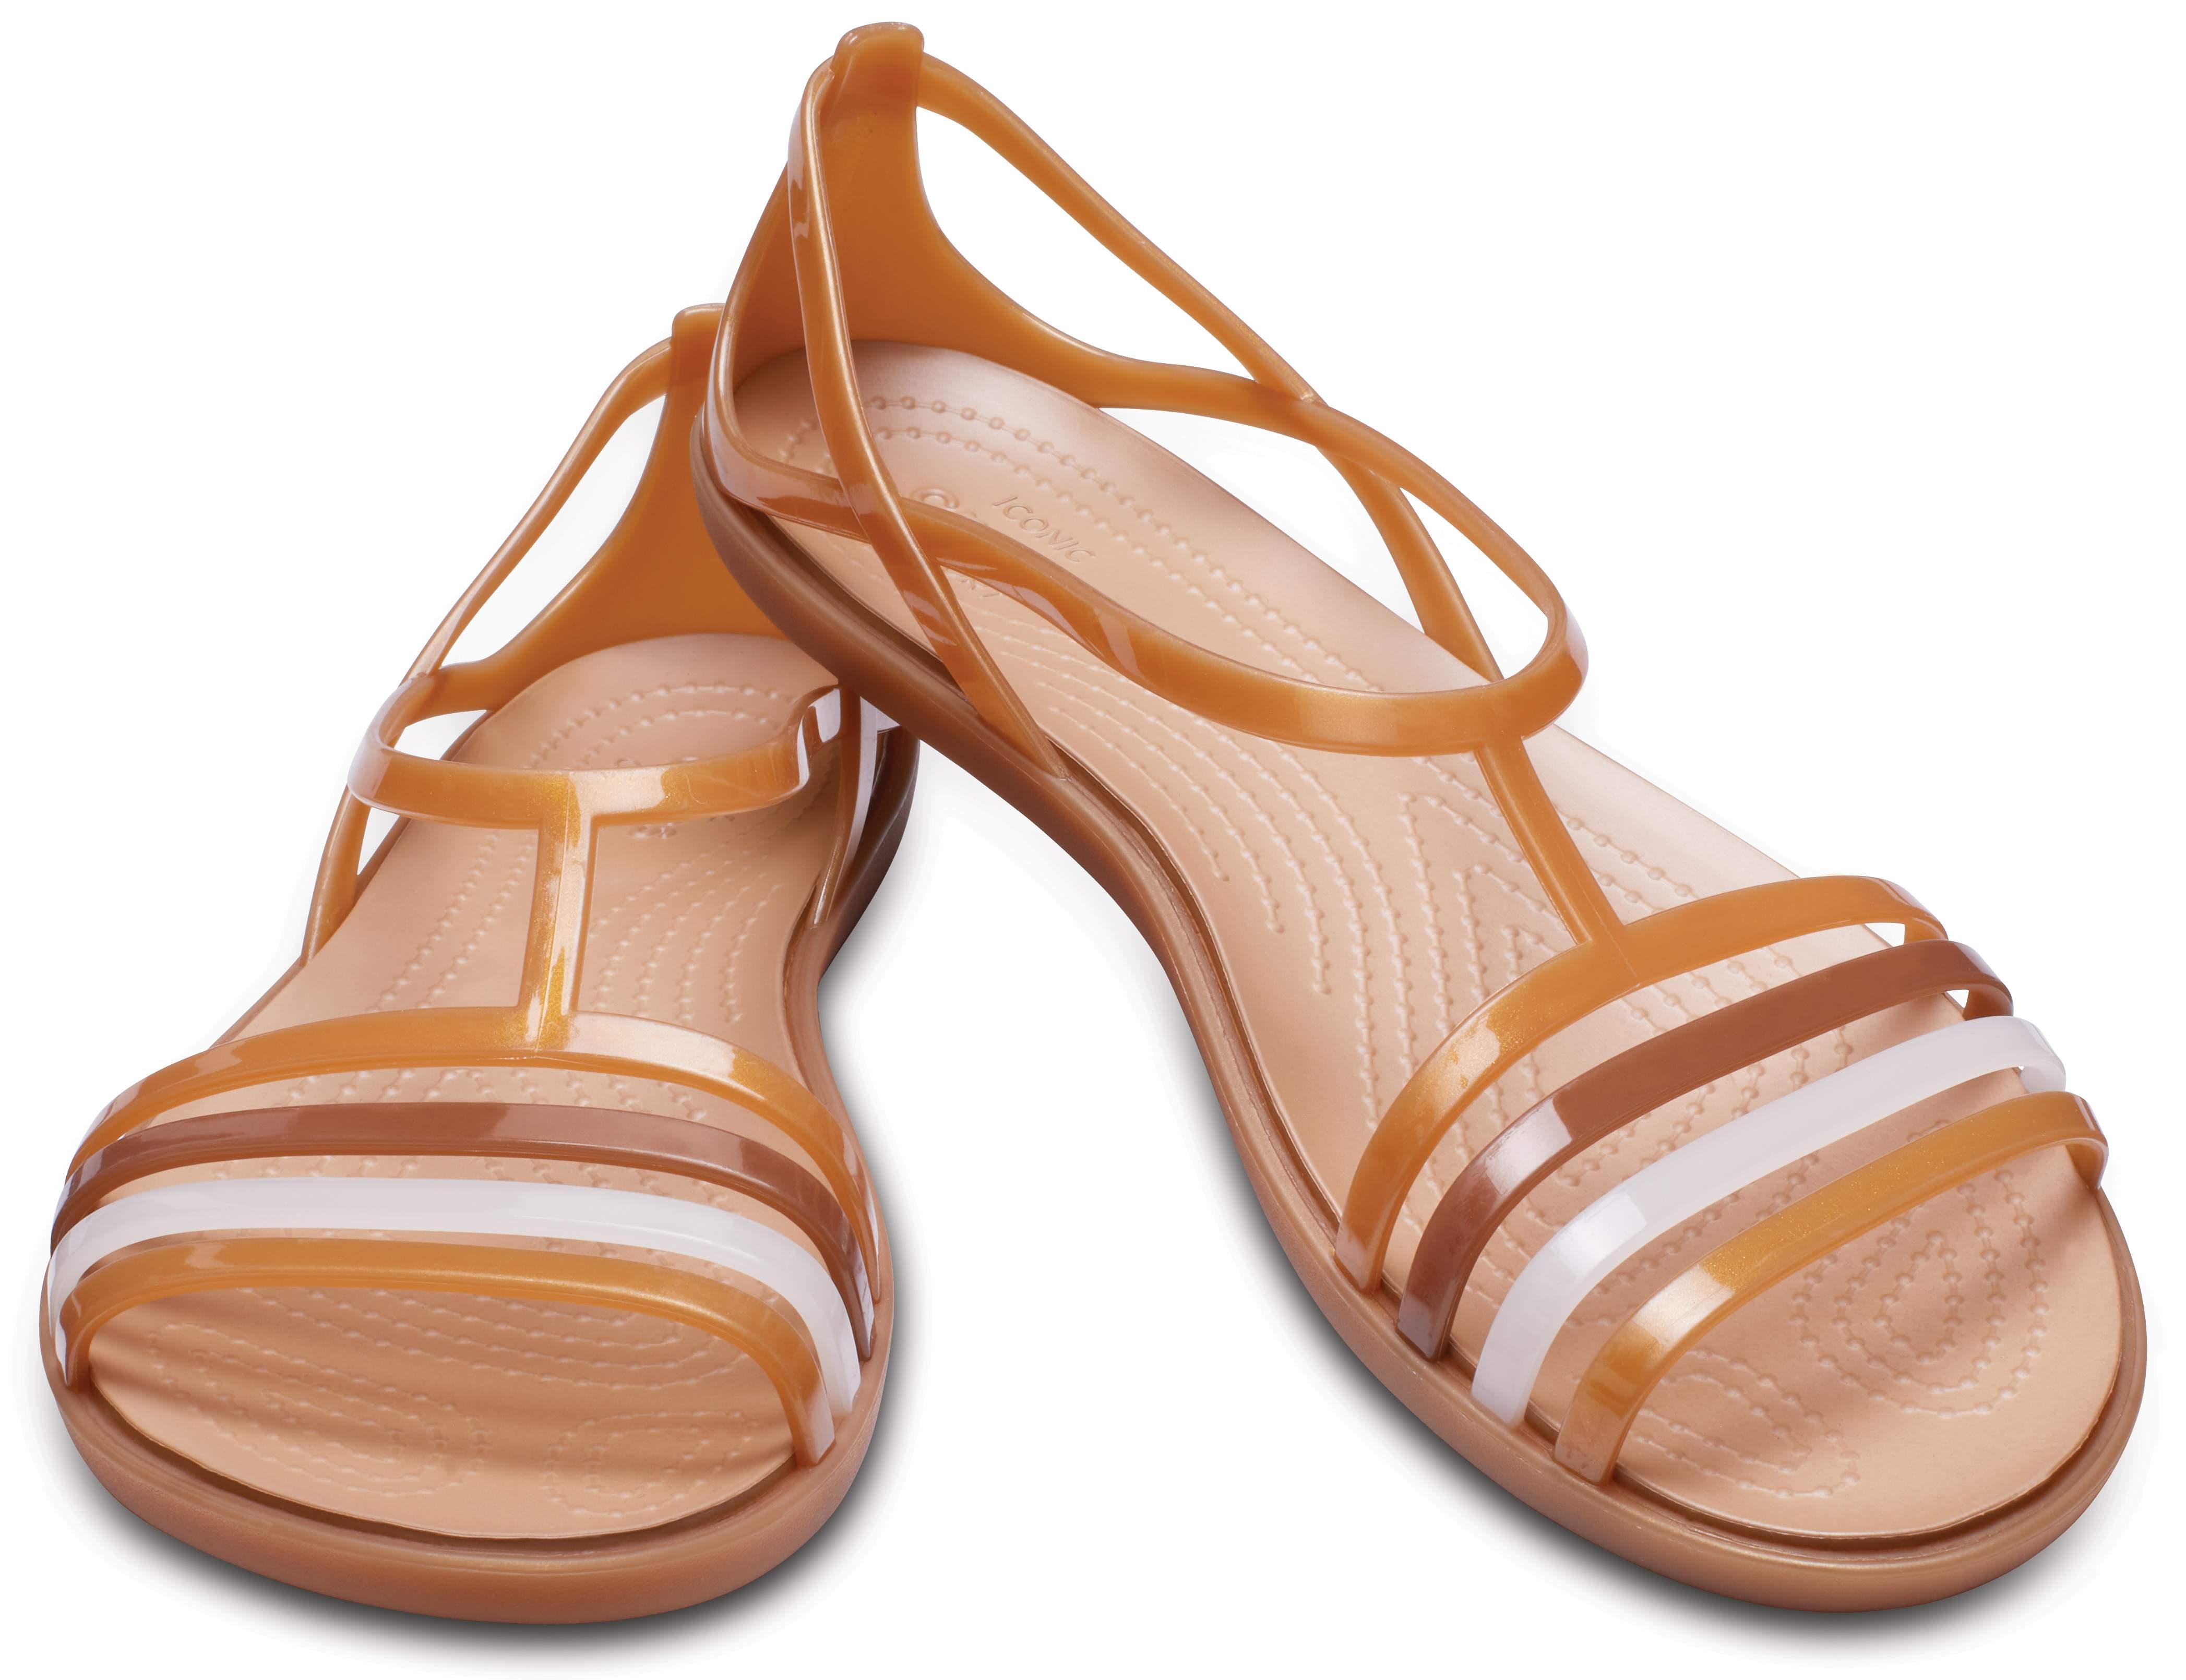 【クロックス公式】 クロックス イザベラ サンダル ウィメン Women's Crocs Isabella Sandal ウィメンズ、レディース、女性用 ブラウン/茶 22cm,23cm,24cm,25cm sandal サンダル